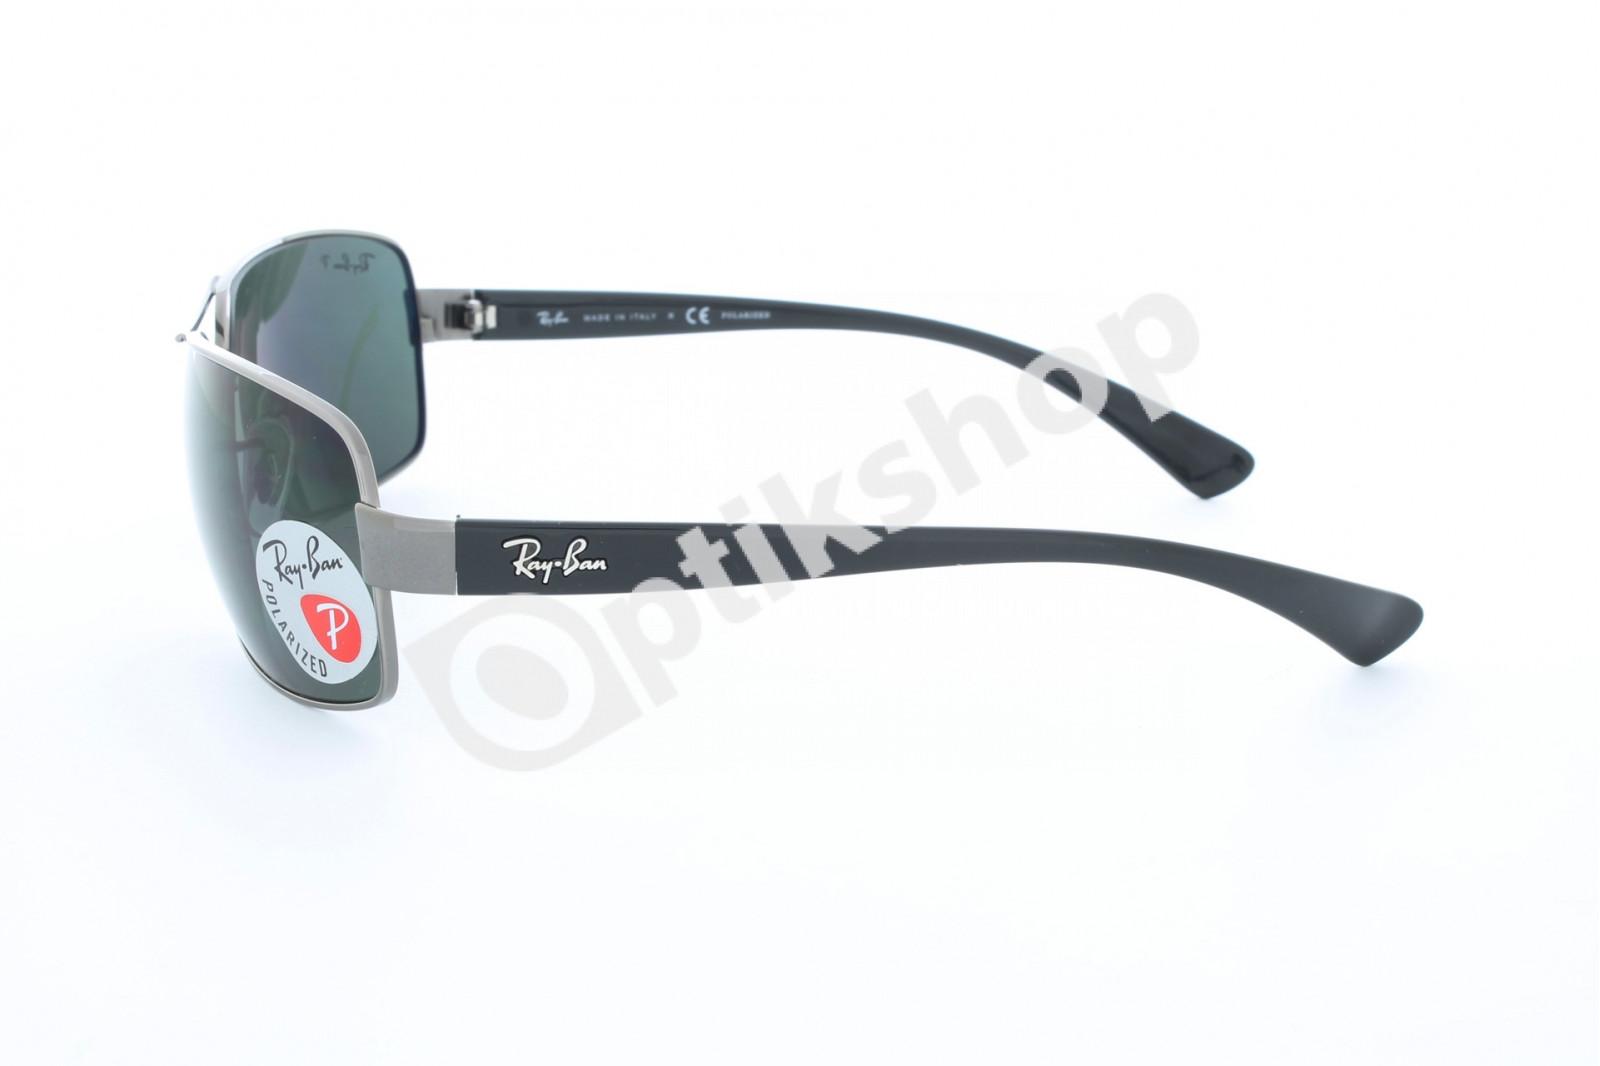 Ray-Ban - RB3379 004 58 64-15-130 3P napszemüvegek d992397e8d